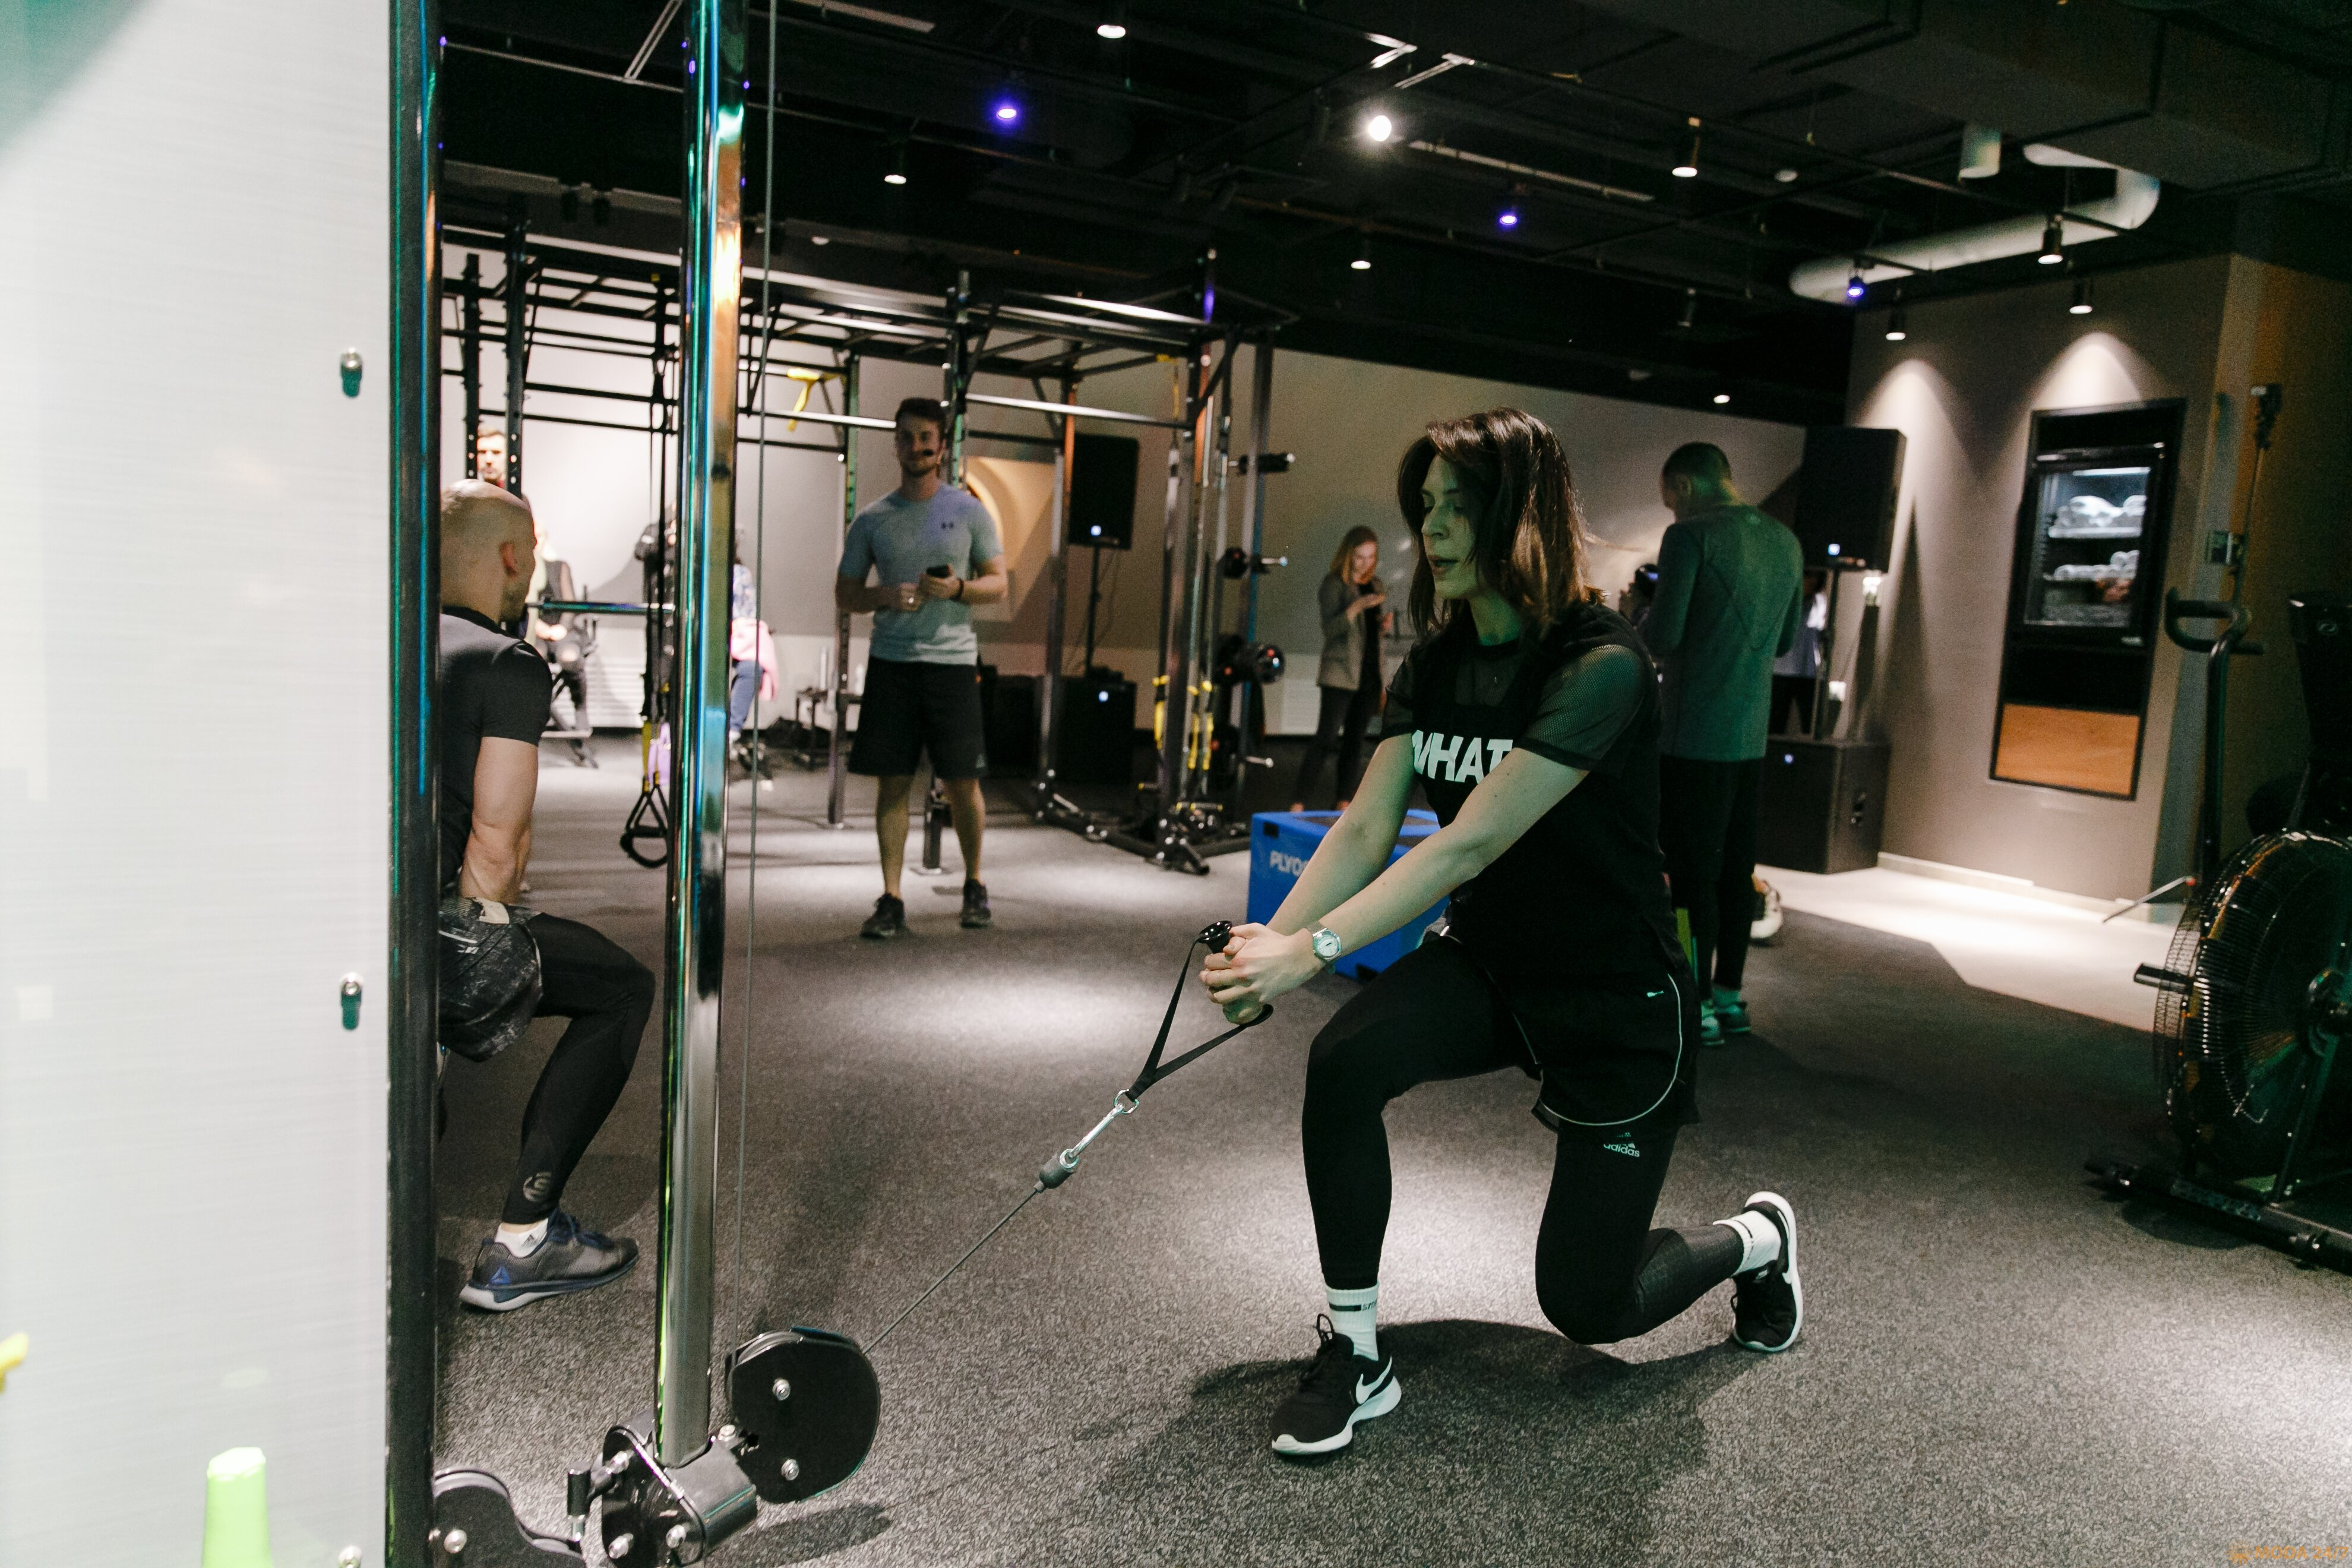 На встречу лету в федеральной сети фитнес-клубов X-Fit. Тренировка на встречу лету – X-Fit Live Moves